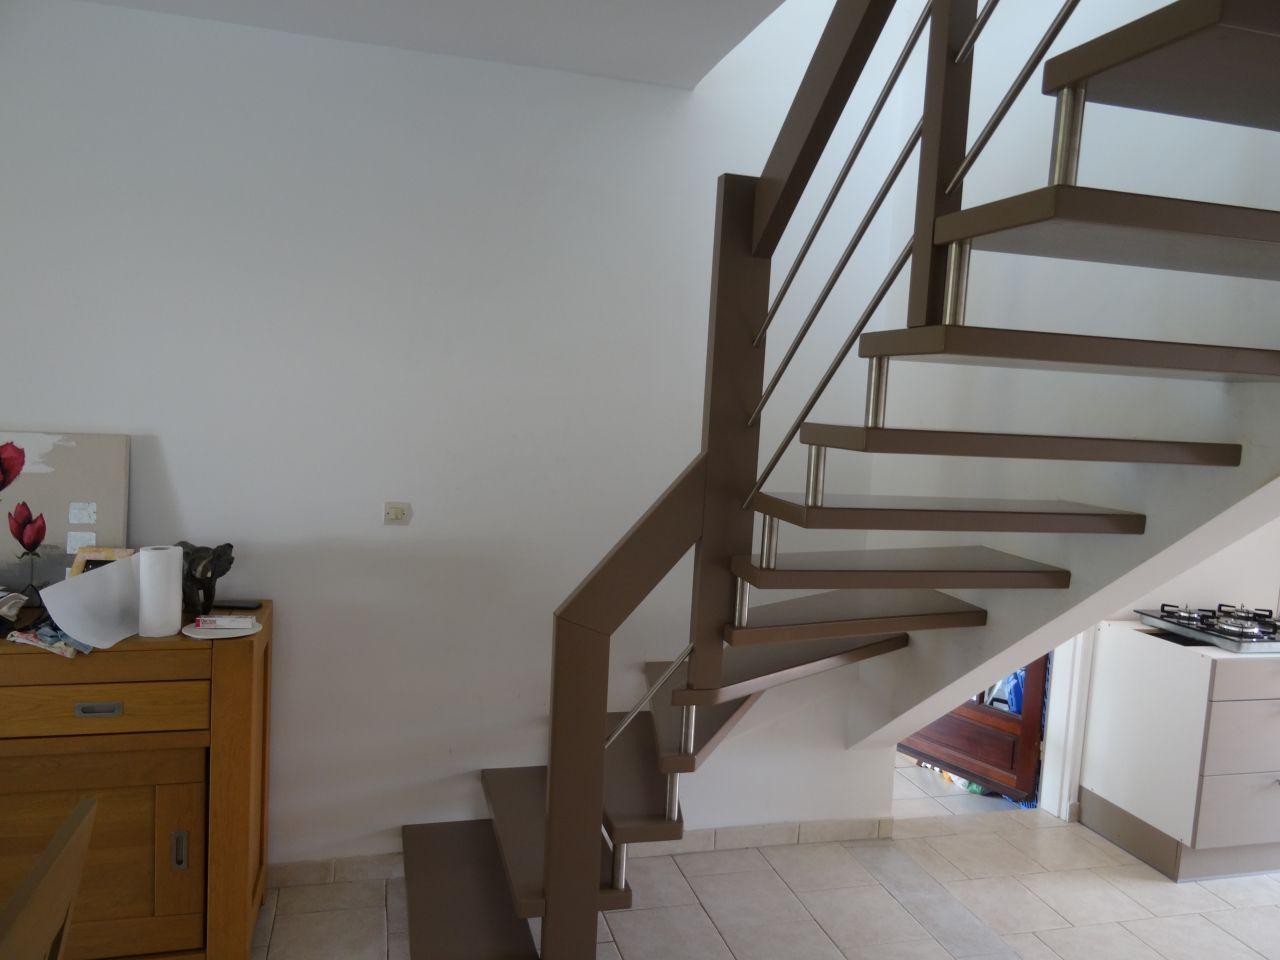 Escalier commandé